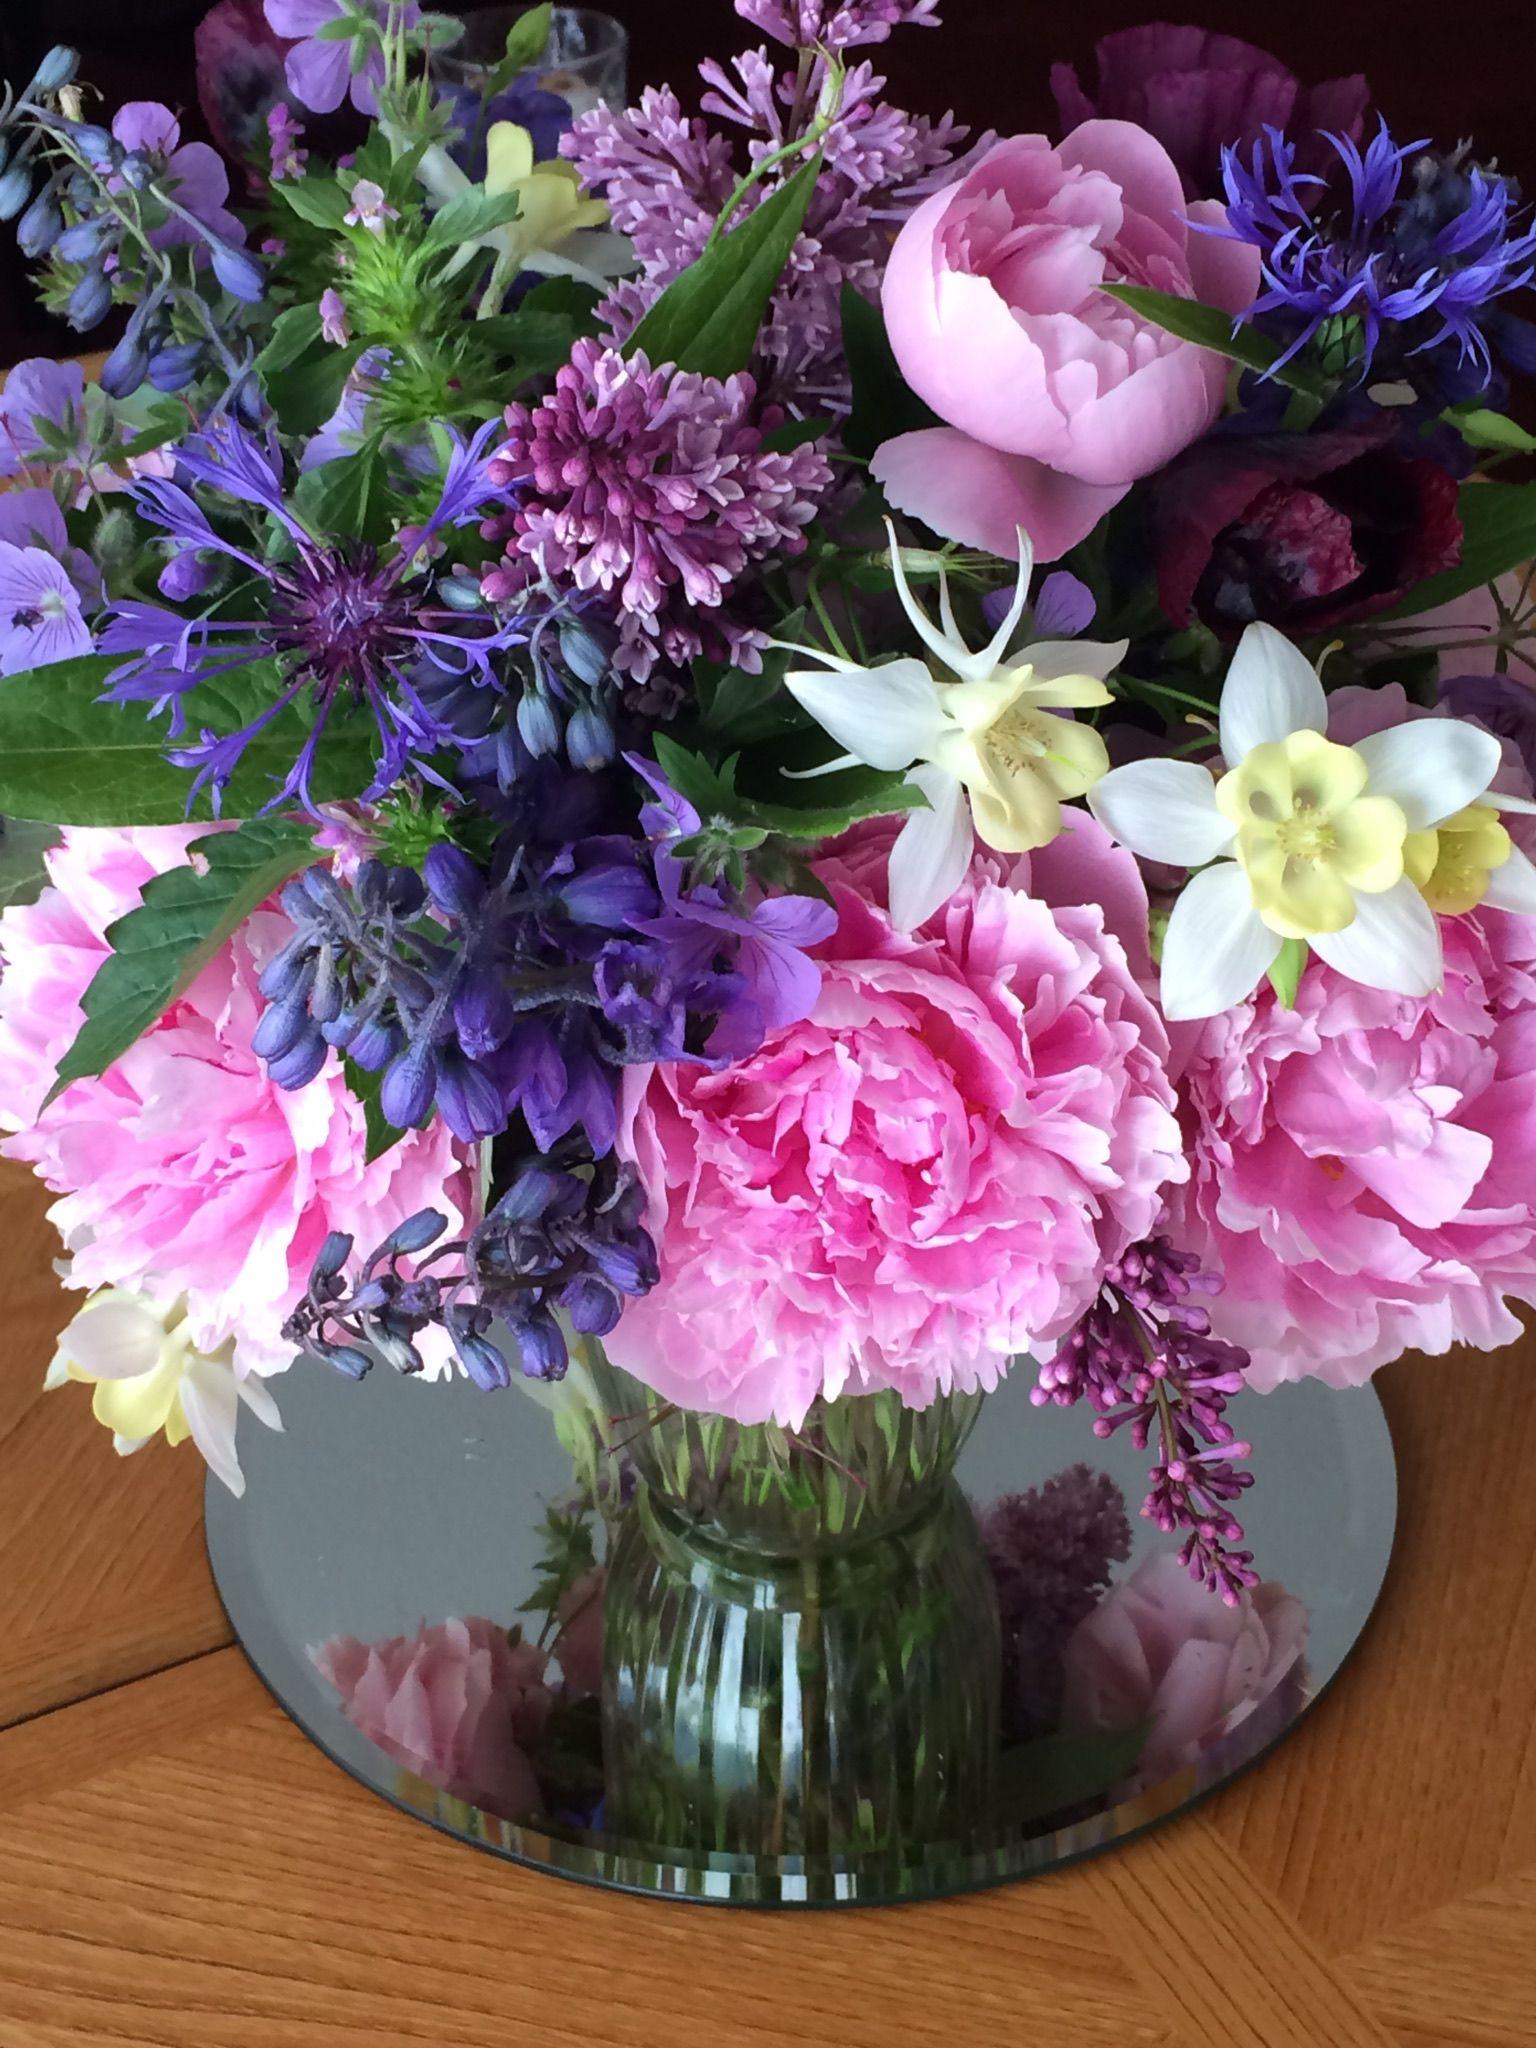 Garden Flower Arrangement Of Peonies, Lilac, Columbine And Delphinium